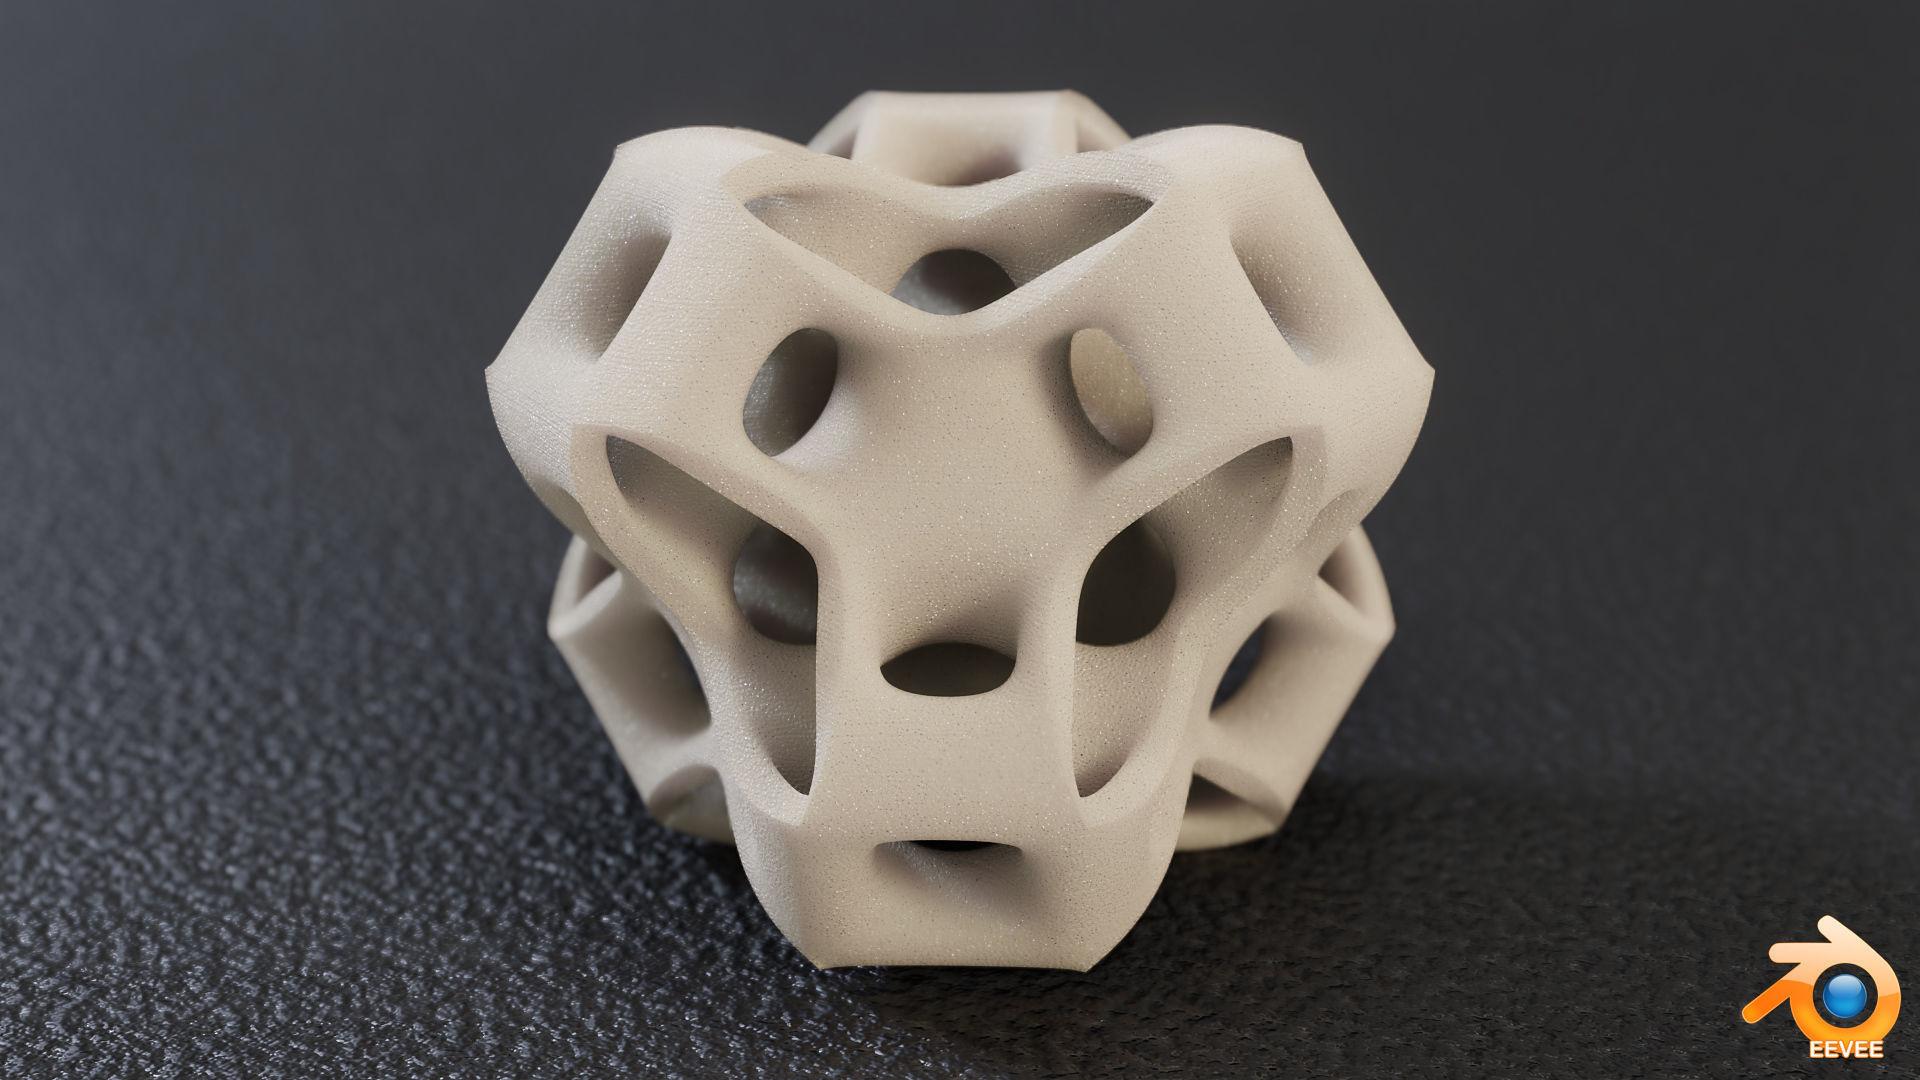 Cubic Gyroid Sculpture